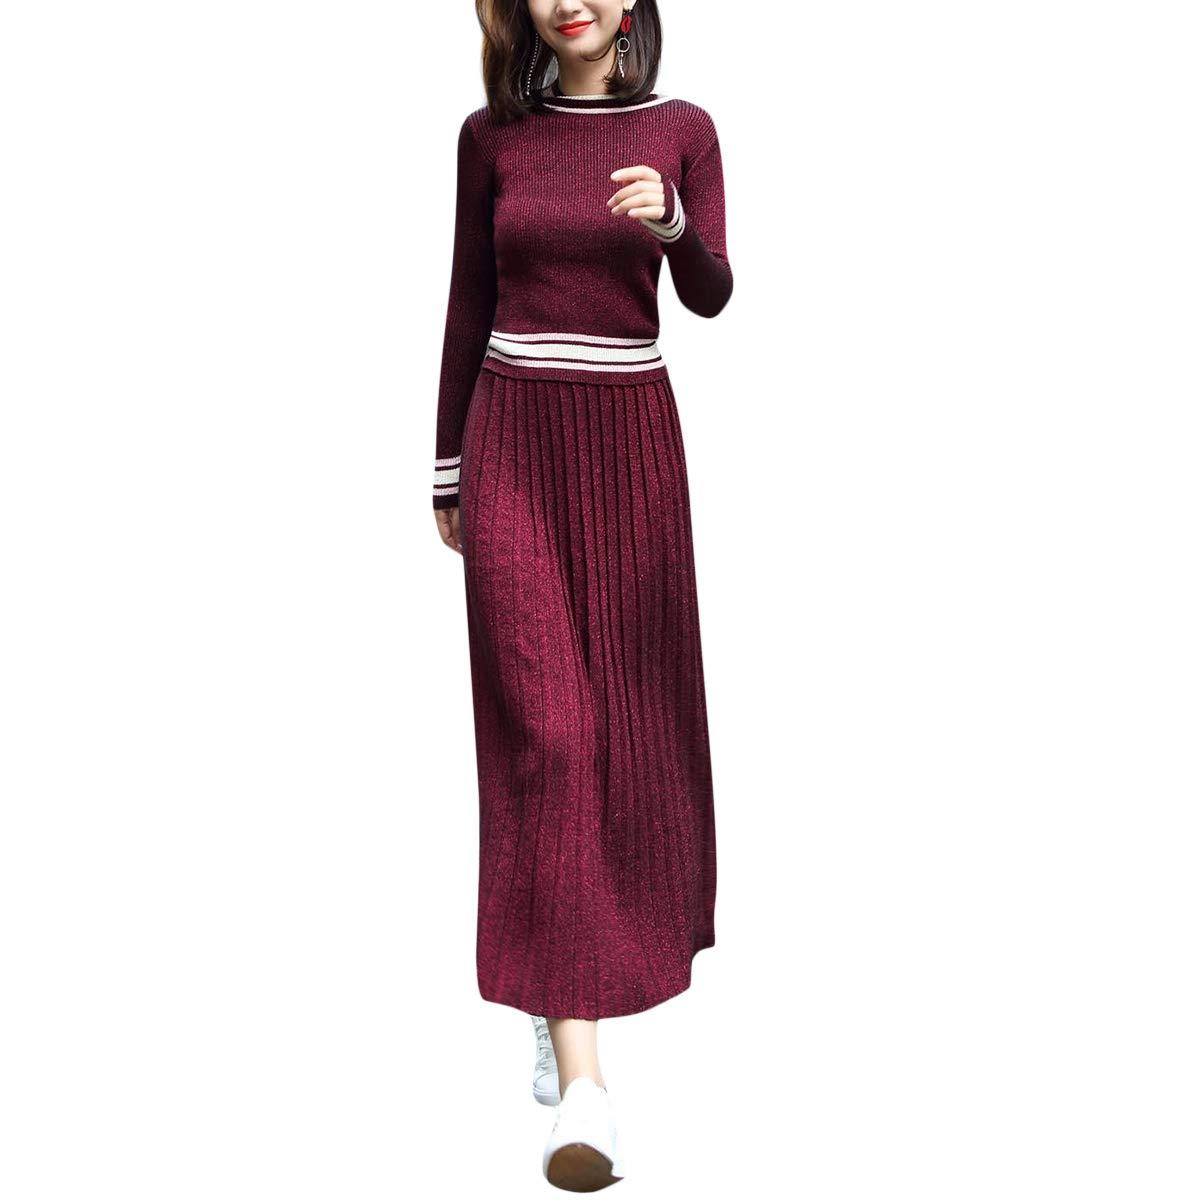 Suéter de canalé Acanalado a Rayas de Cintura Alta Swing Maxi ...